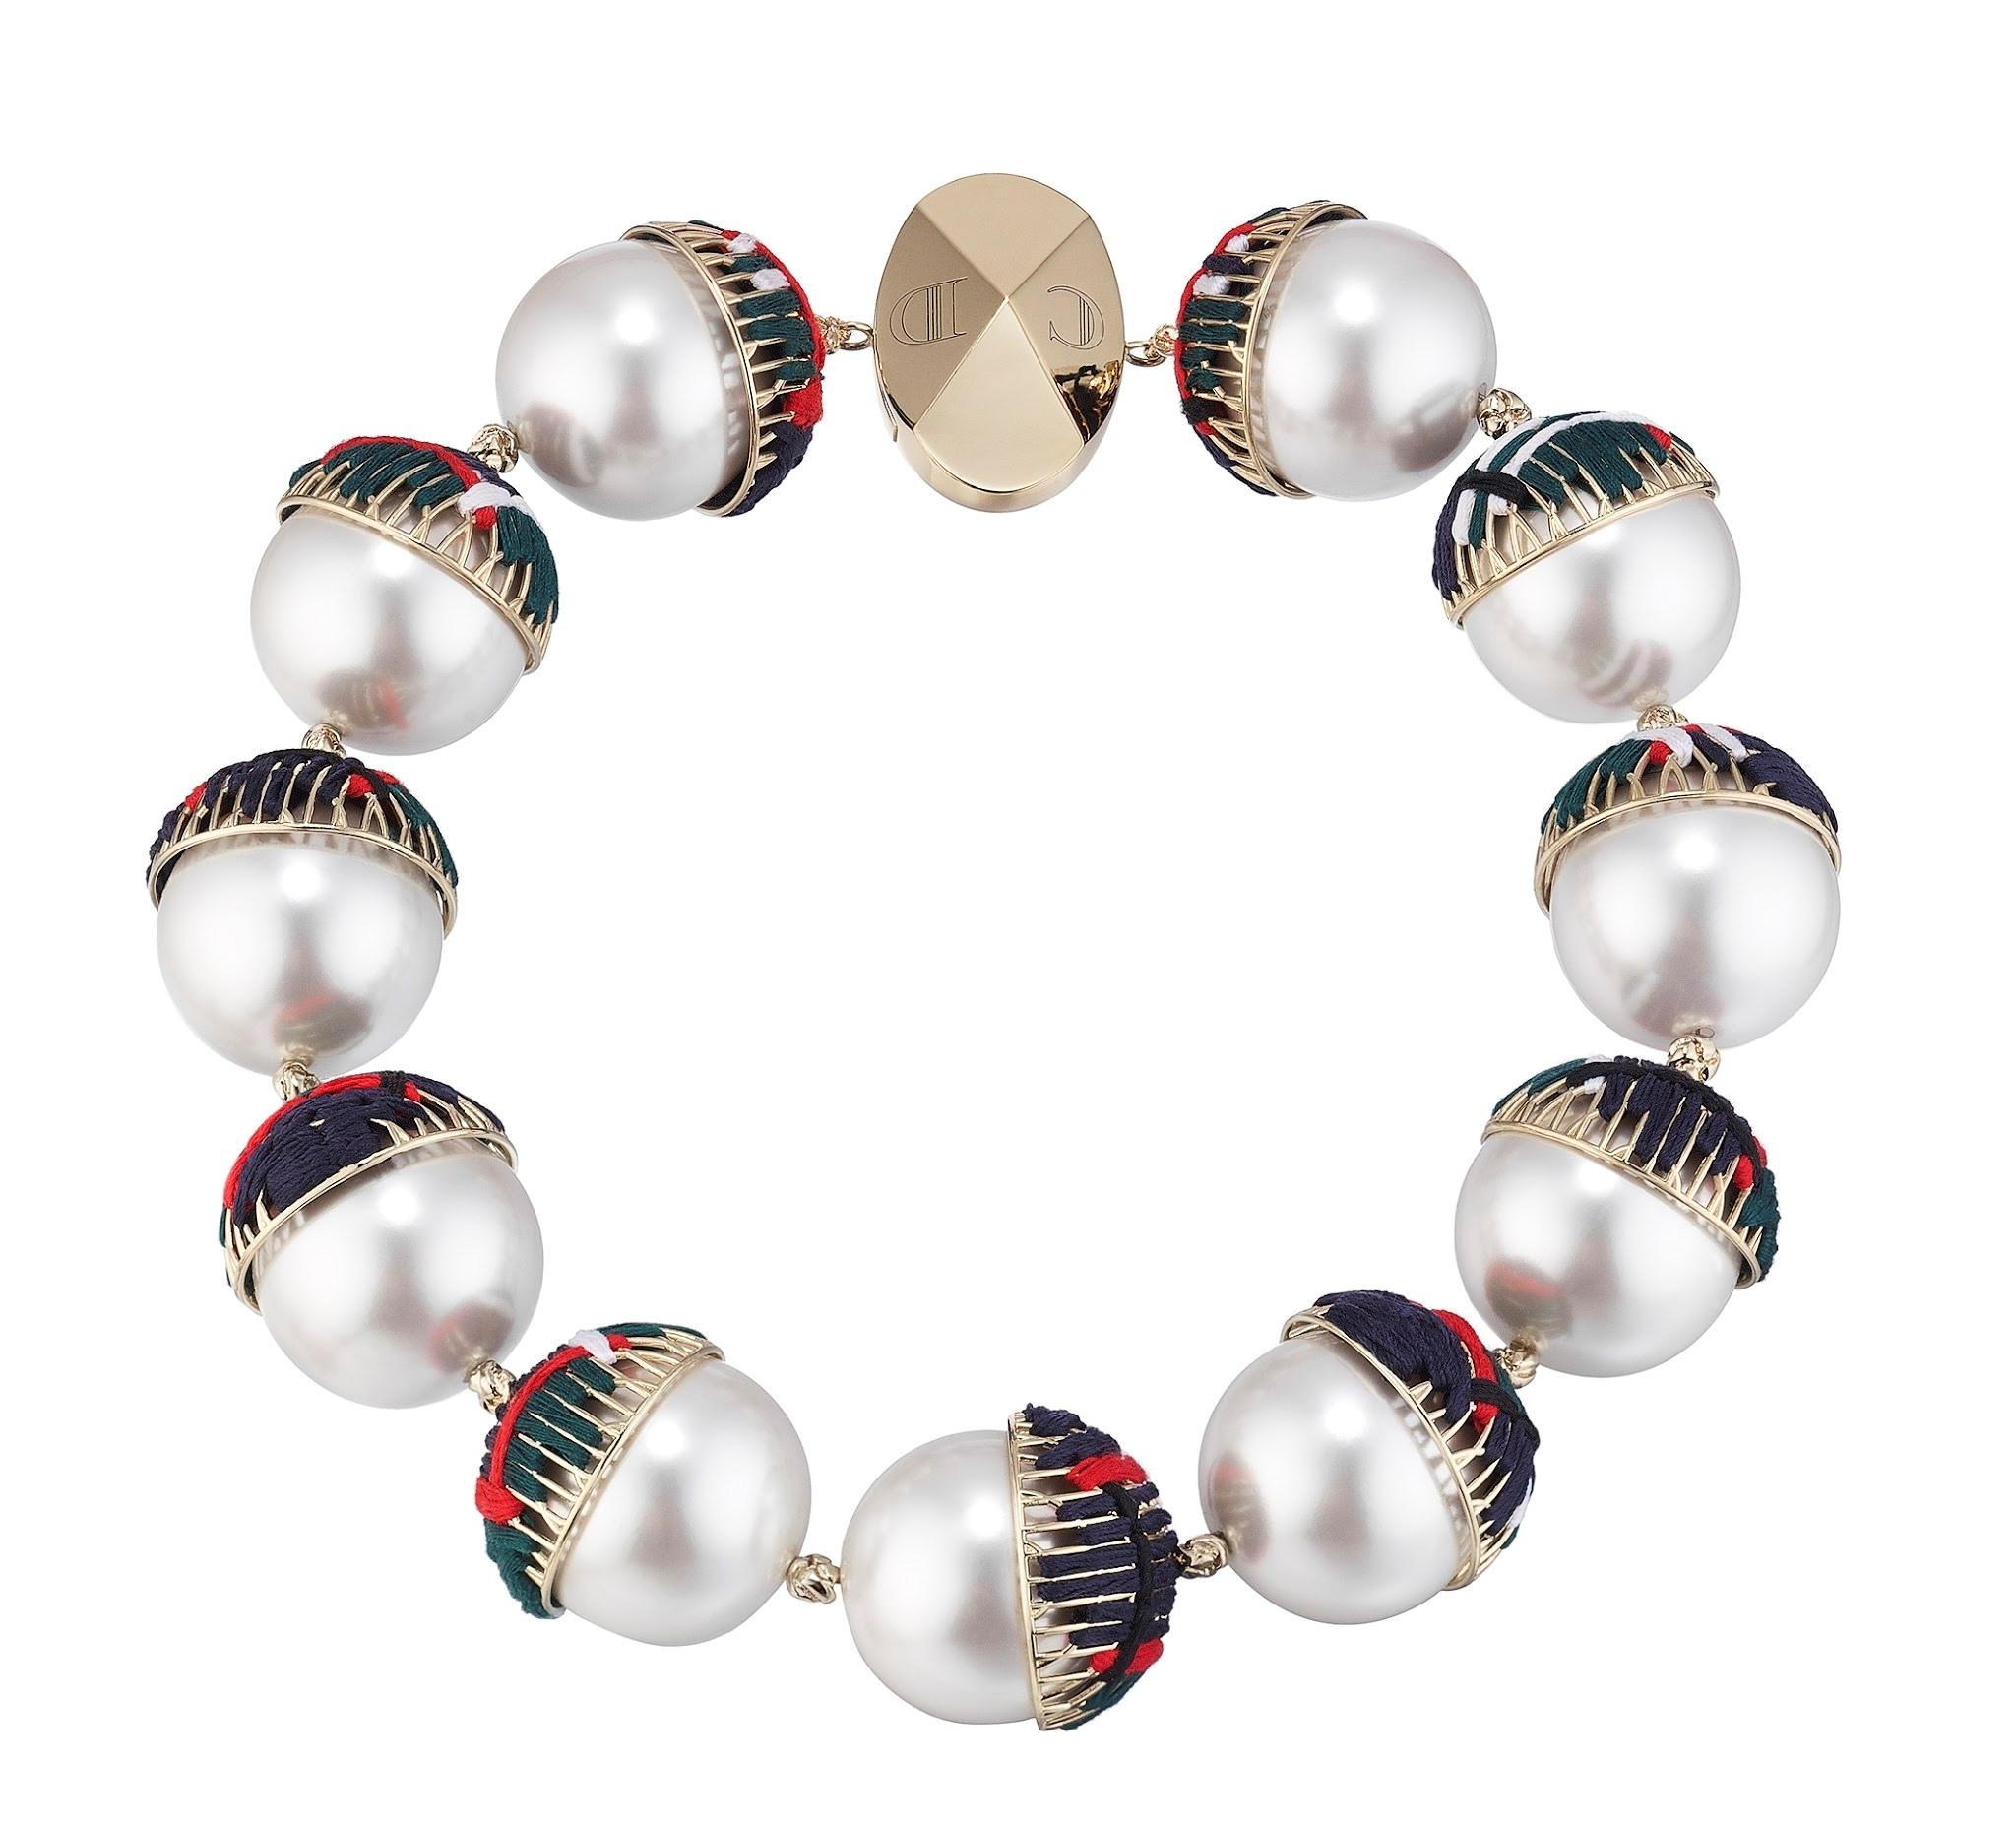 Christian-Dior-Mise-en-Dior-necklace